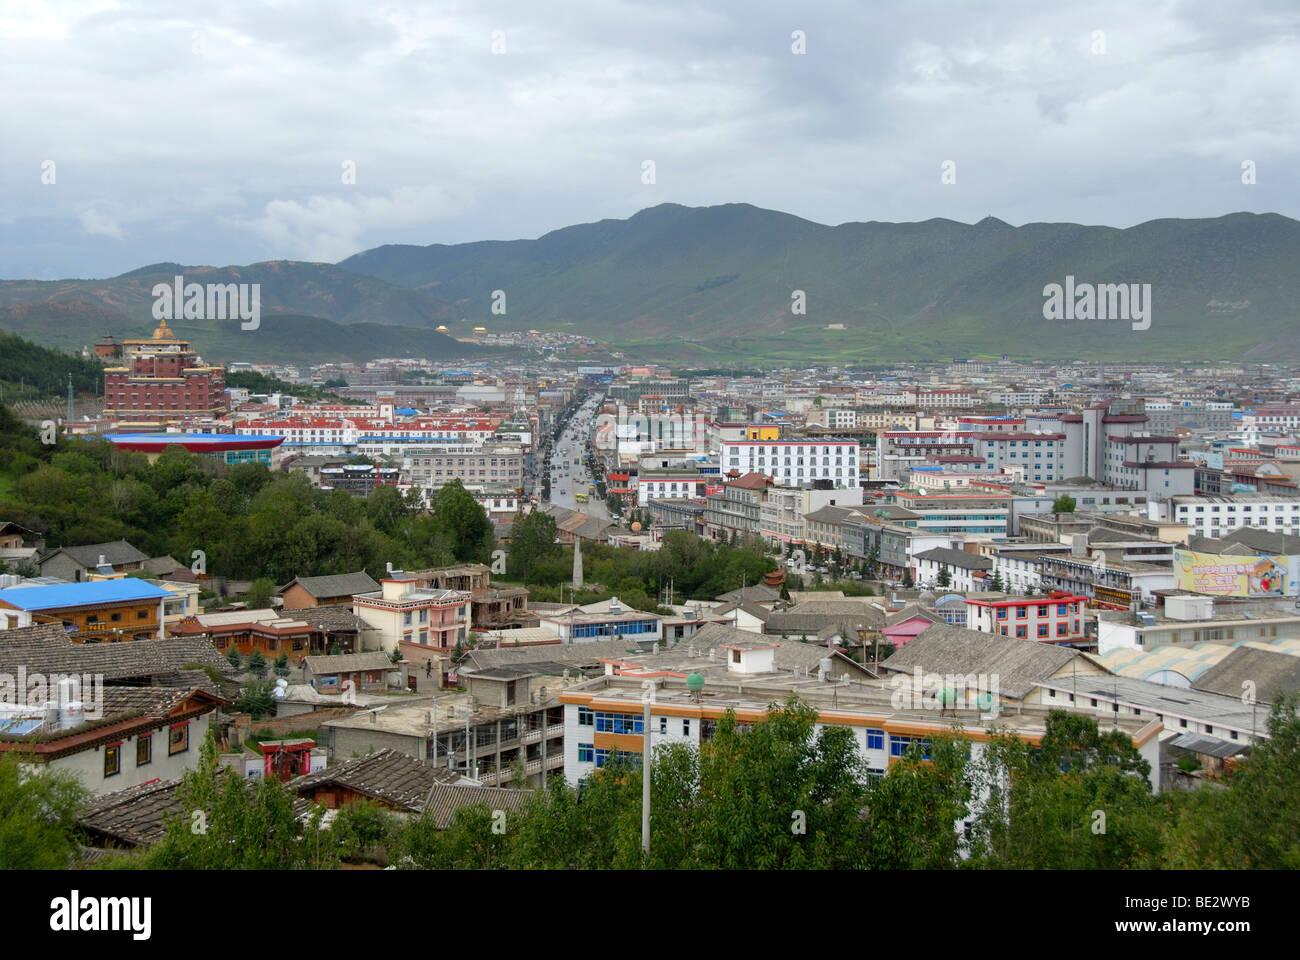 Vista della città nuova, Zhongdian, Shangri-La, nella provincia dello Yunnan, Repubblica Popolare di Cina e Immagini Stock